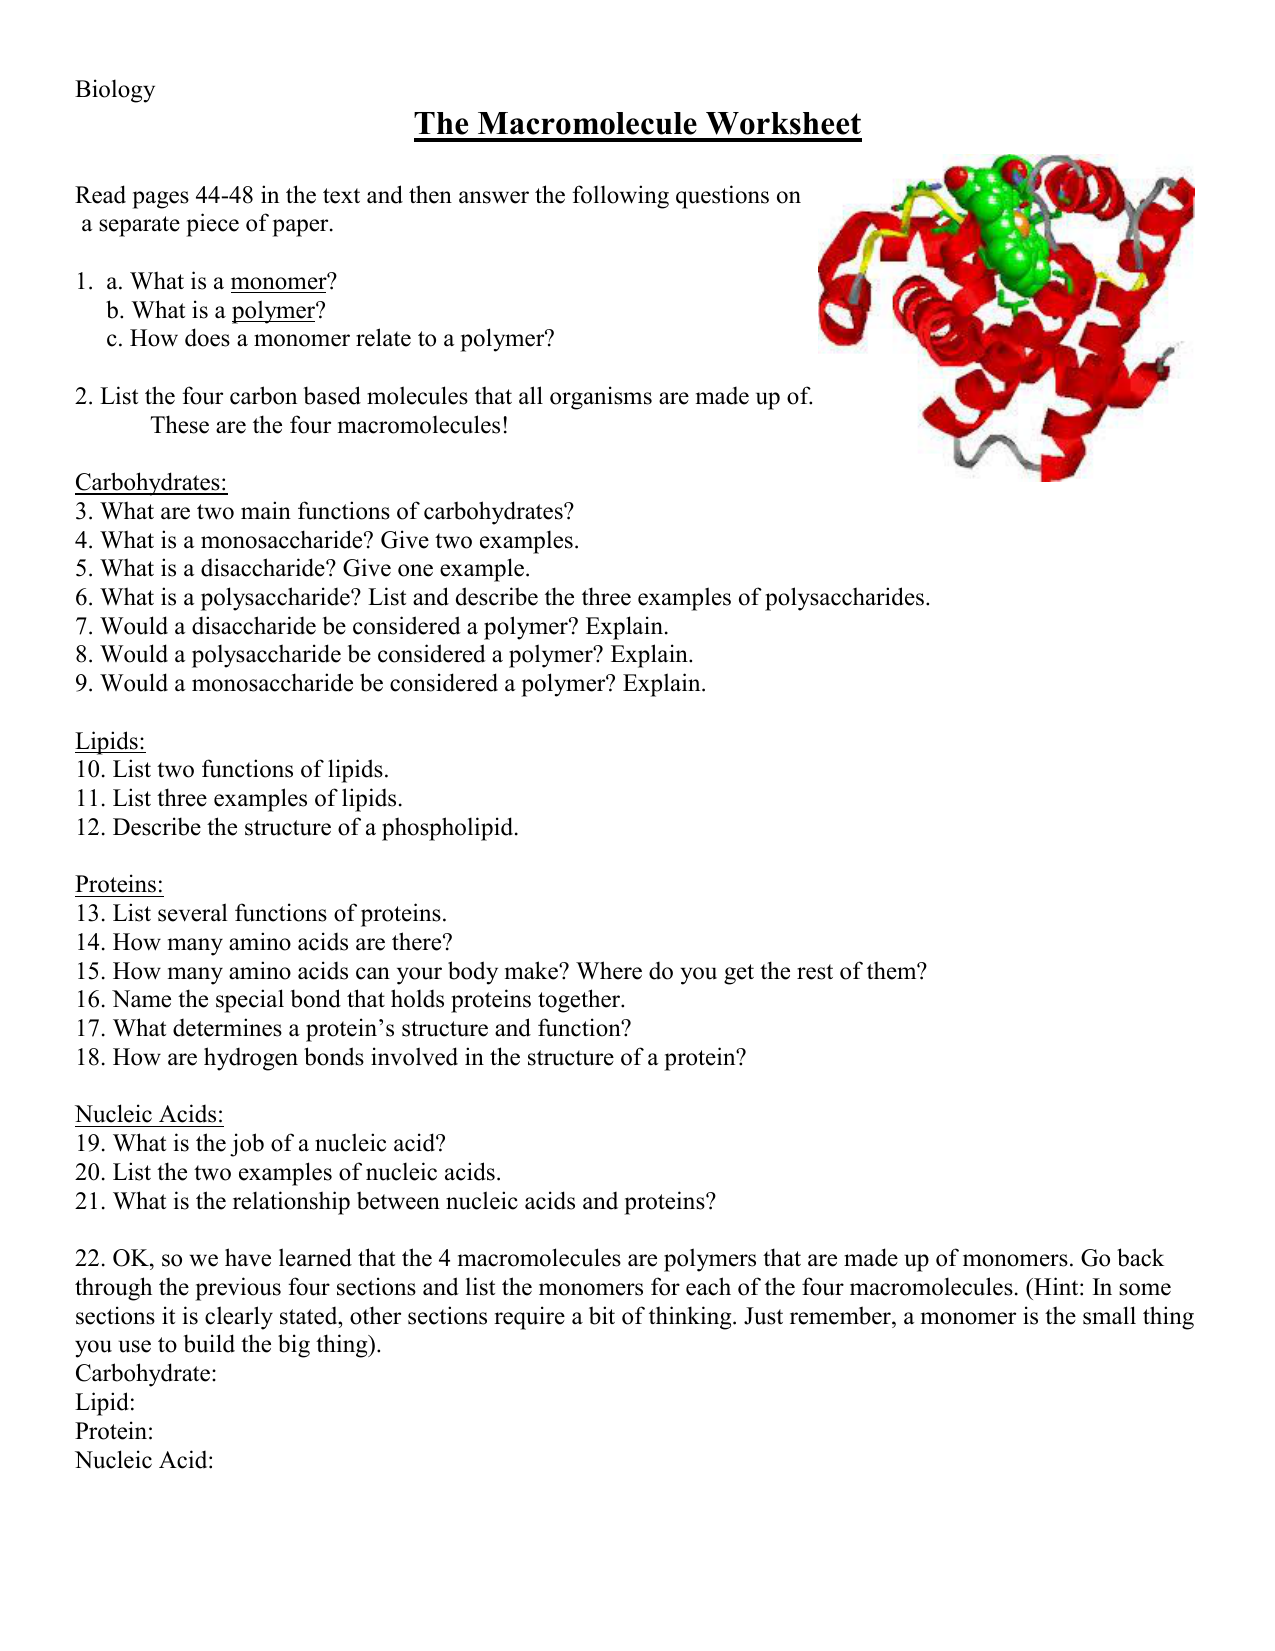 Macromolecules Concept Map Answers.The Macromolecule Worksheet